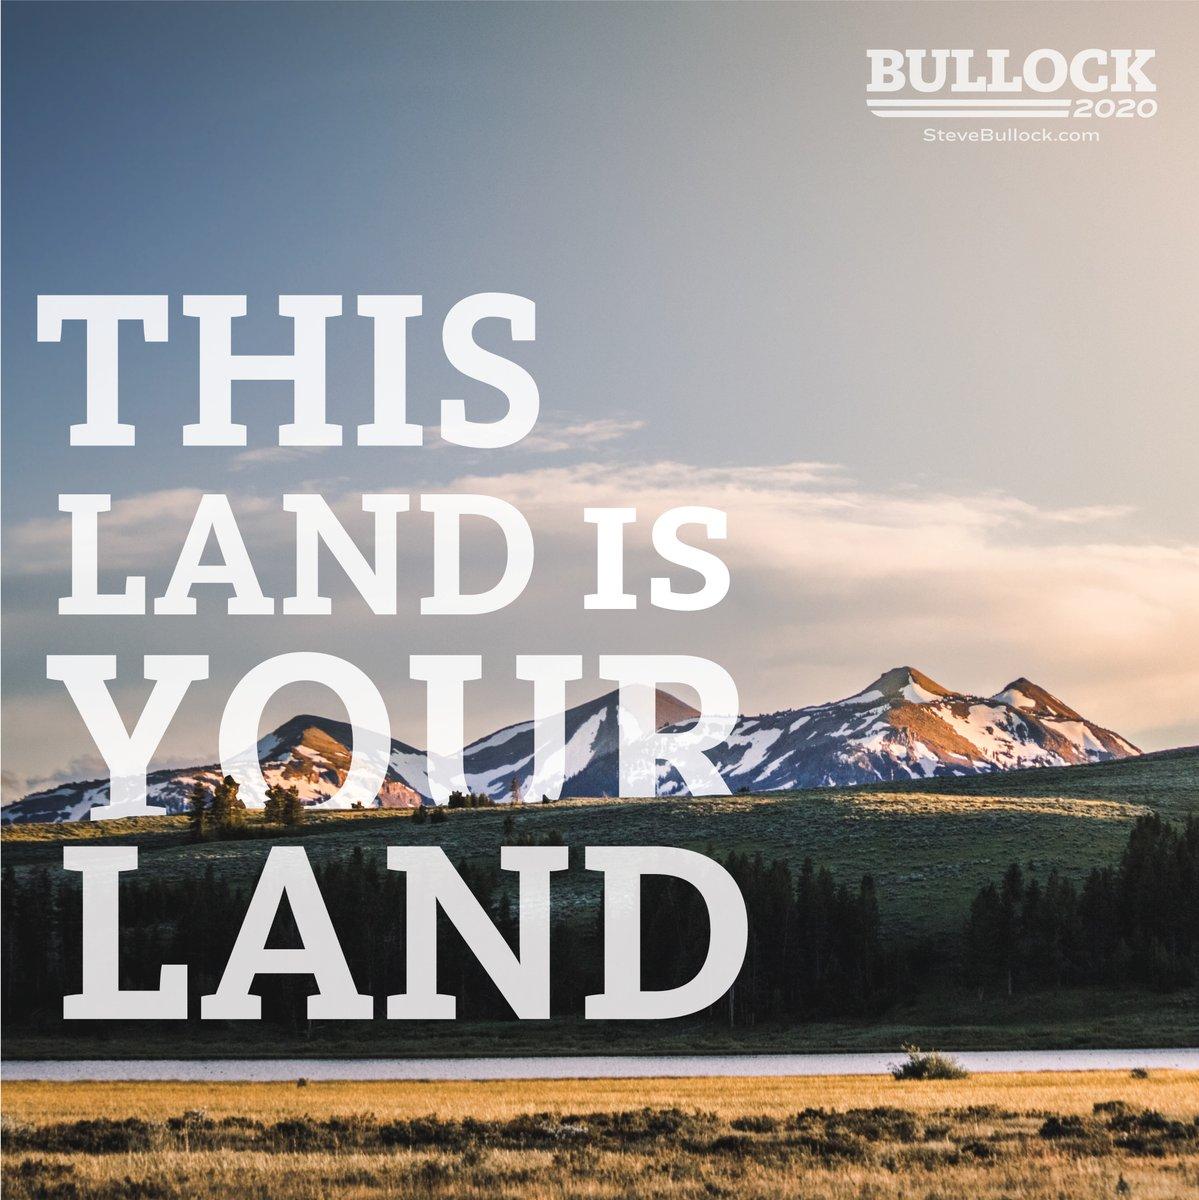 Our public lands belong to us.